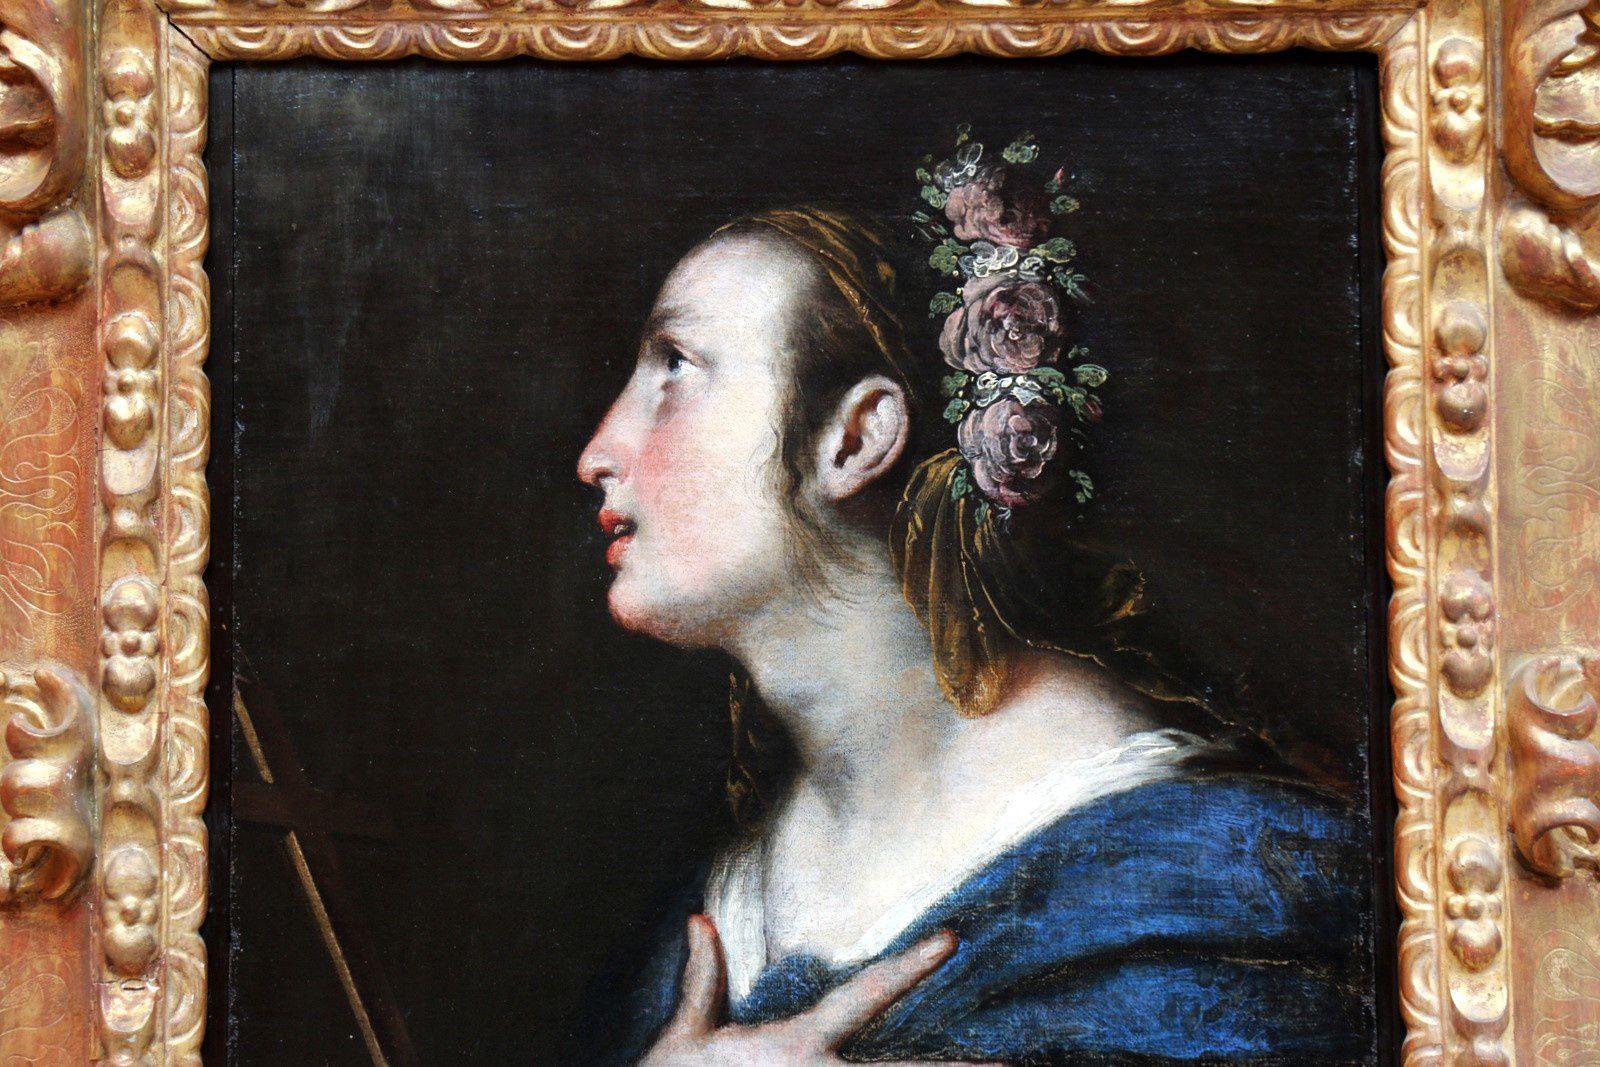 Sainte couronnée de fleurs par Bernardo Strozzi dit Il Cappuccino